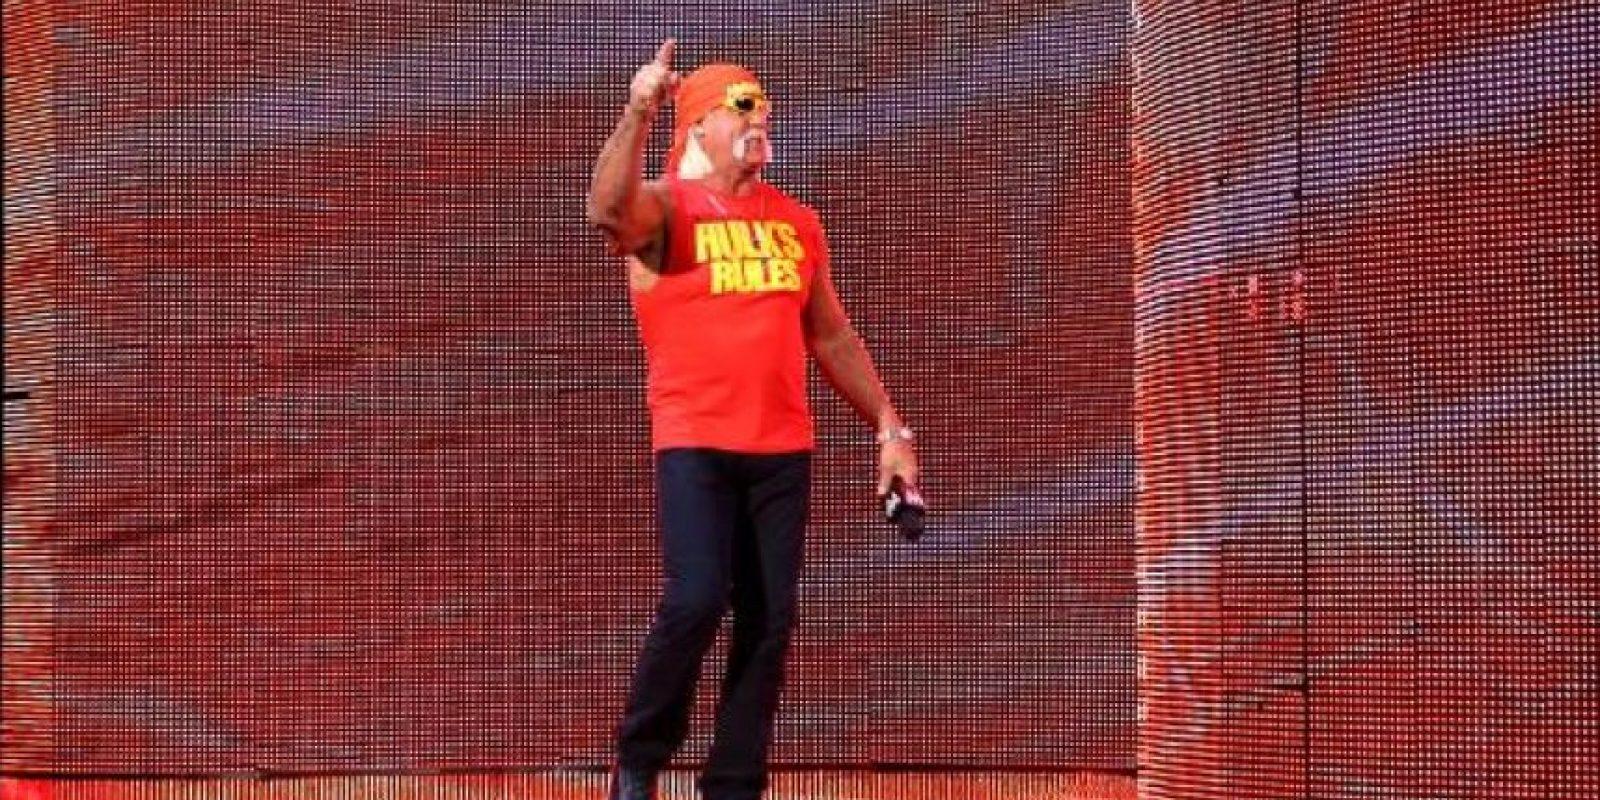 En 2012 se filtró un video porno, en el que Hogan mantiene relaciones sexuales con Heather Clem, exesposa de su mejor amigo, el locutor radiofónico Bubba Amorosa Foto:WWE